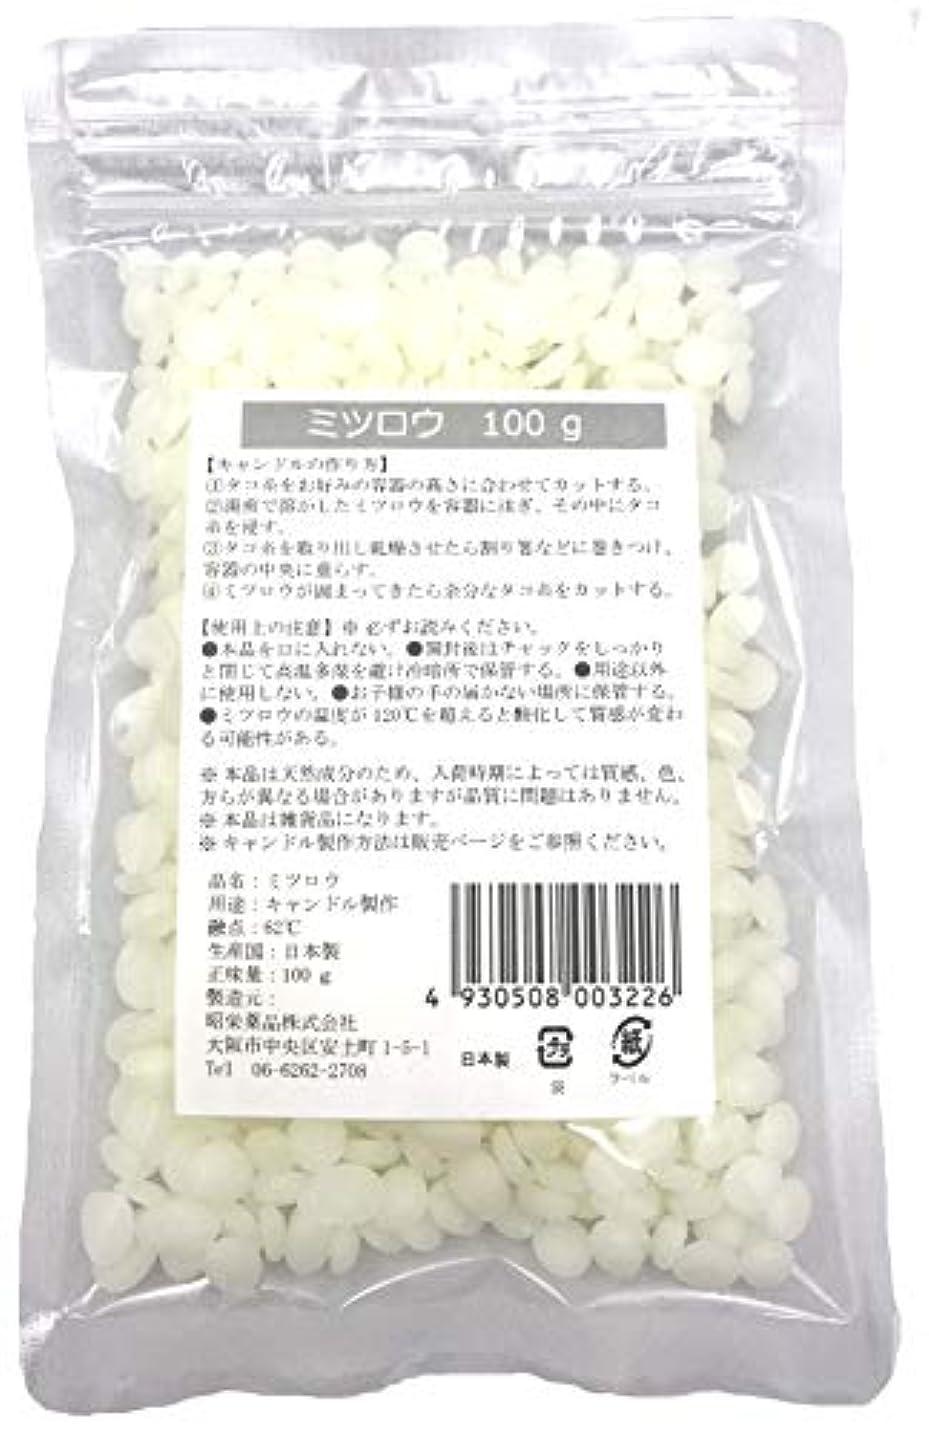 リダクター救出機動昭栄薬品 ミツロウ100g ペレット状 漂白タイプ